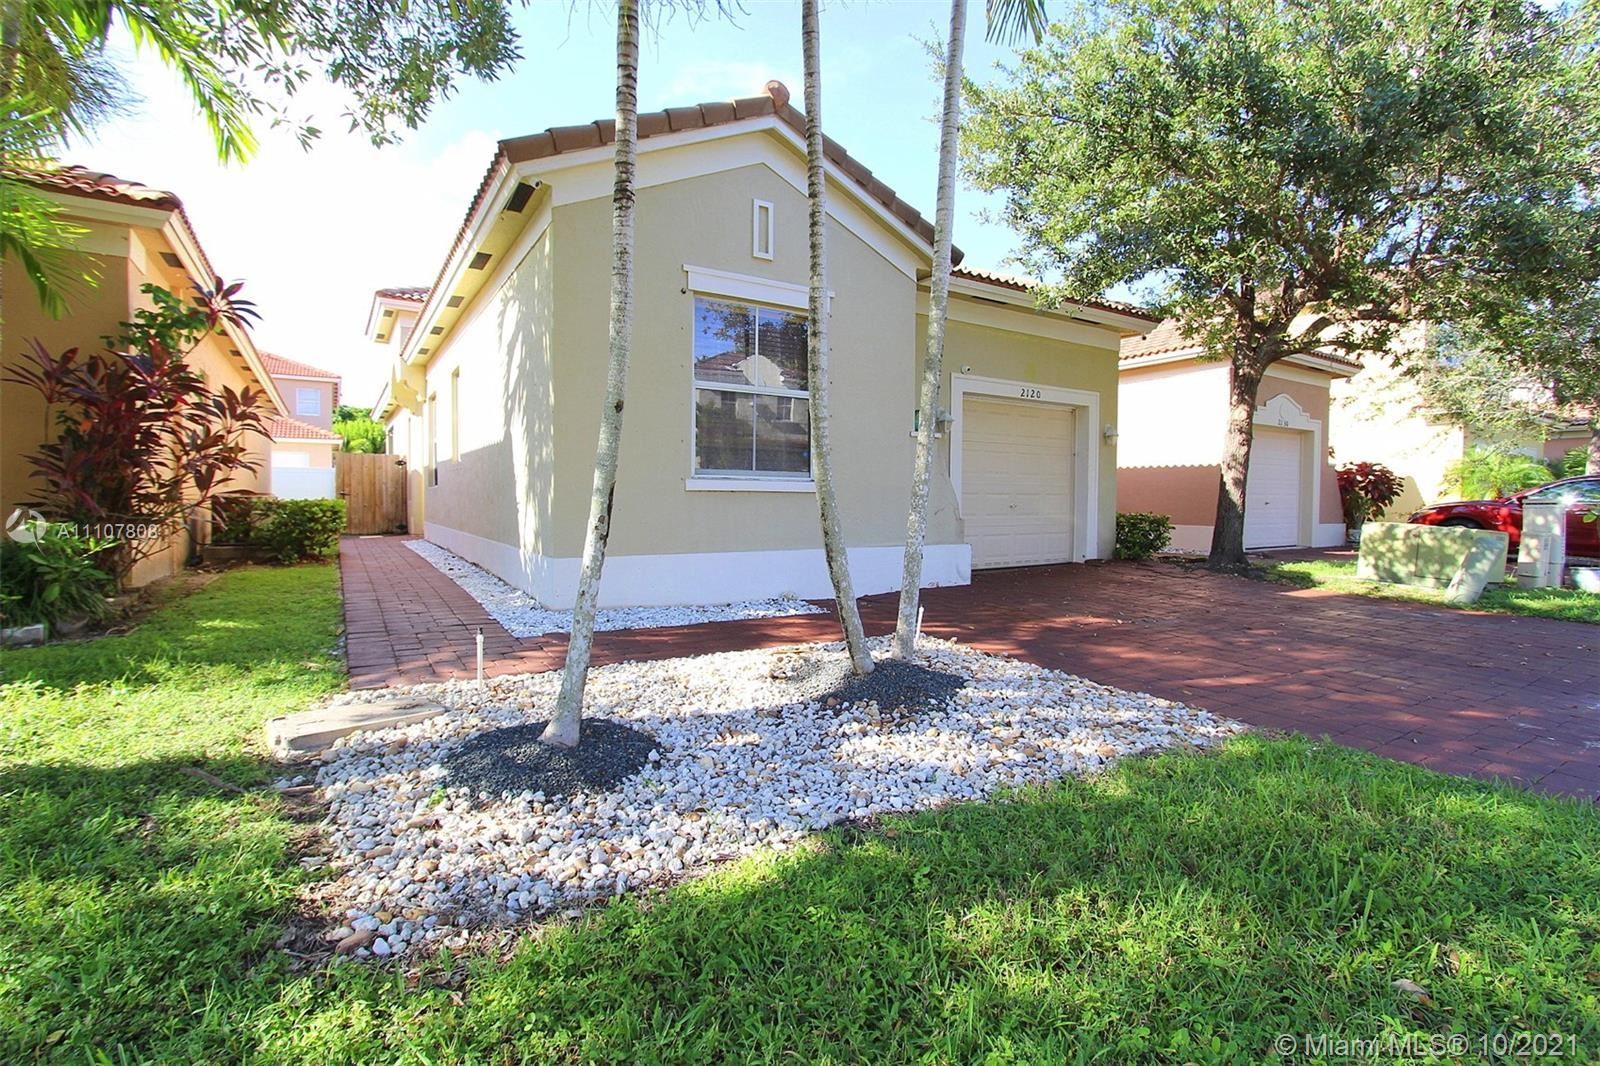 2120 NE 37th Rd, Homestead, FL 33033 - #: A11107808